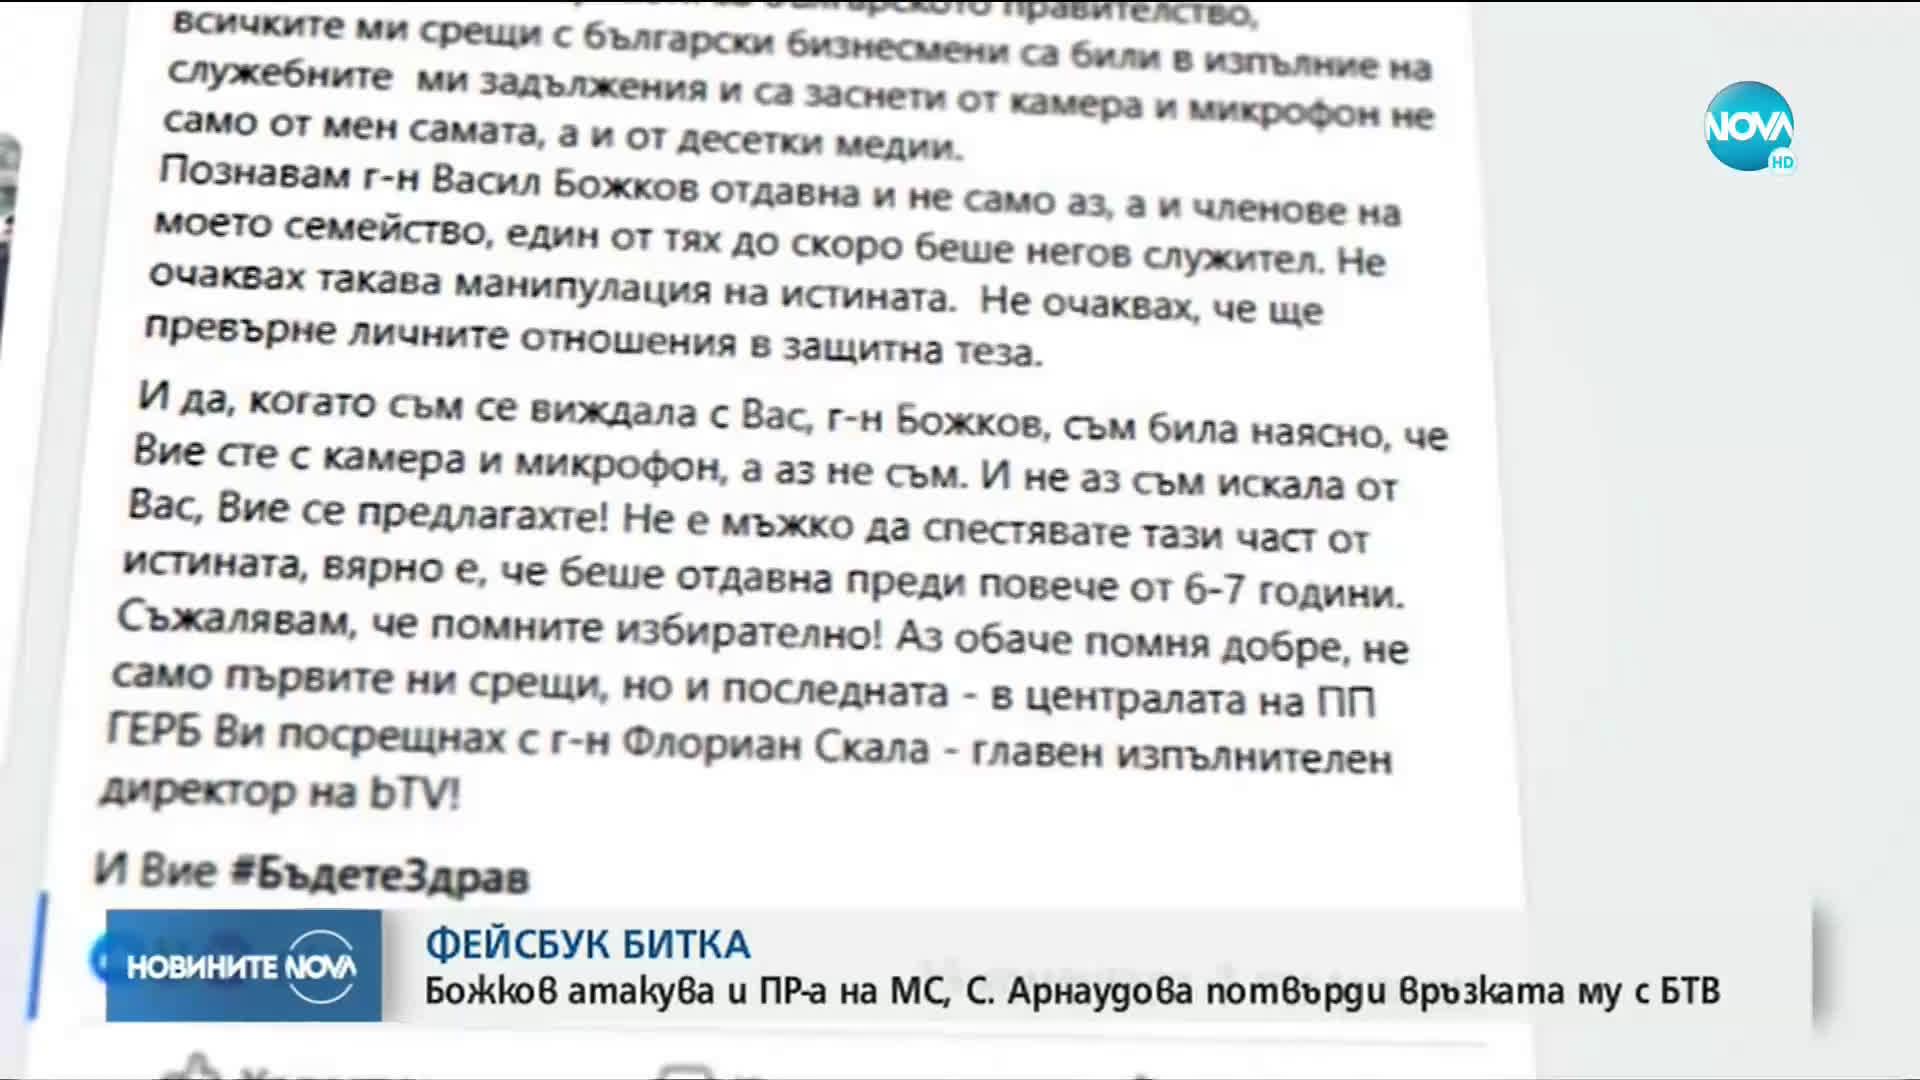 Ръководителят на пресслужбата на кабинета: Божков доведе шефа на bTV в централата на ГЕРБ